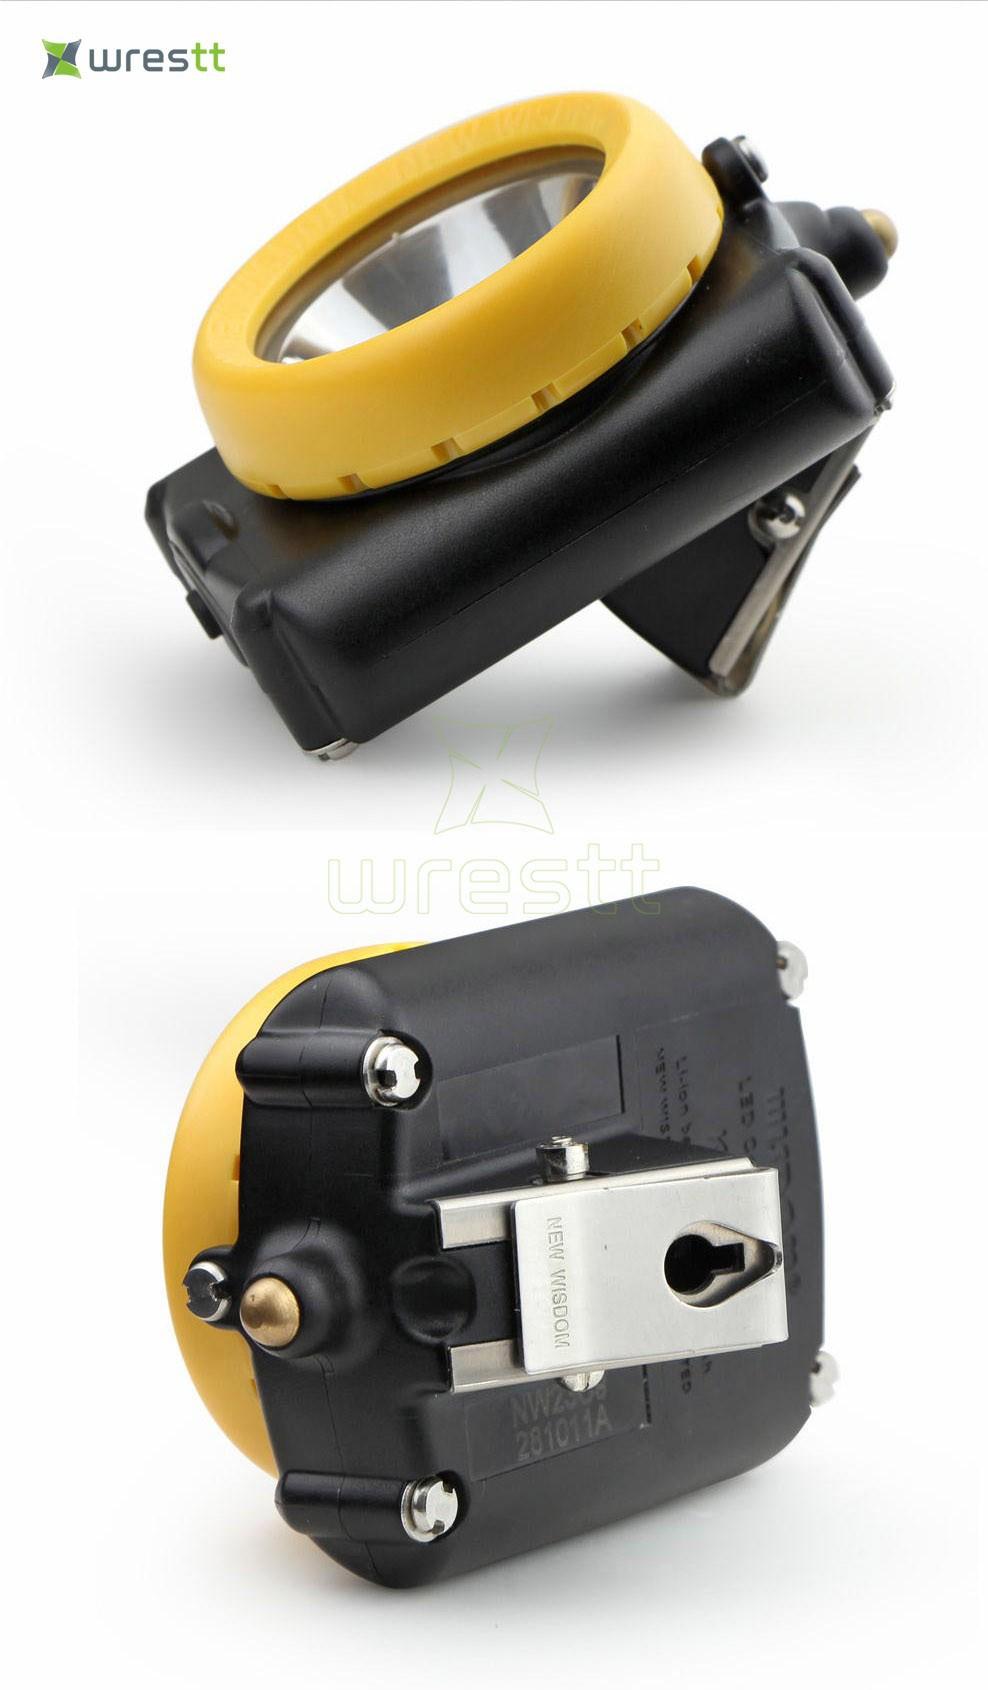 kl5m-c-miner-cap-light